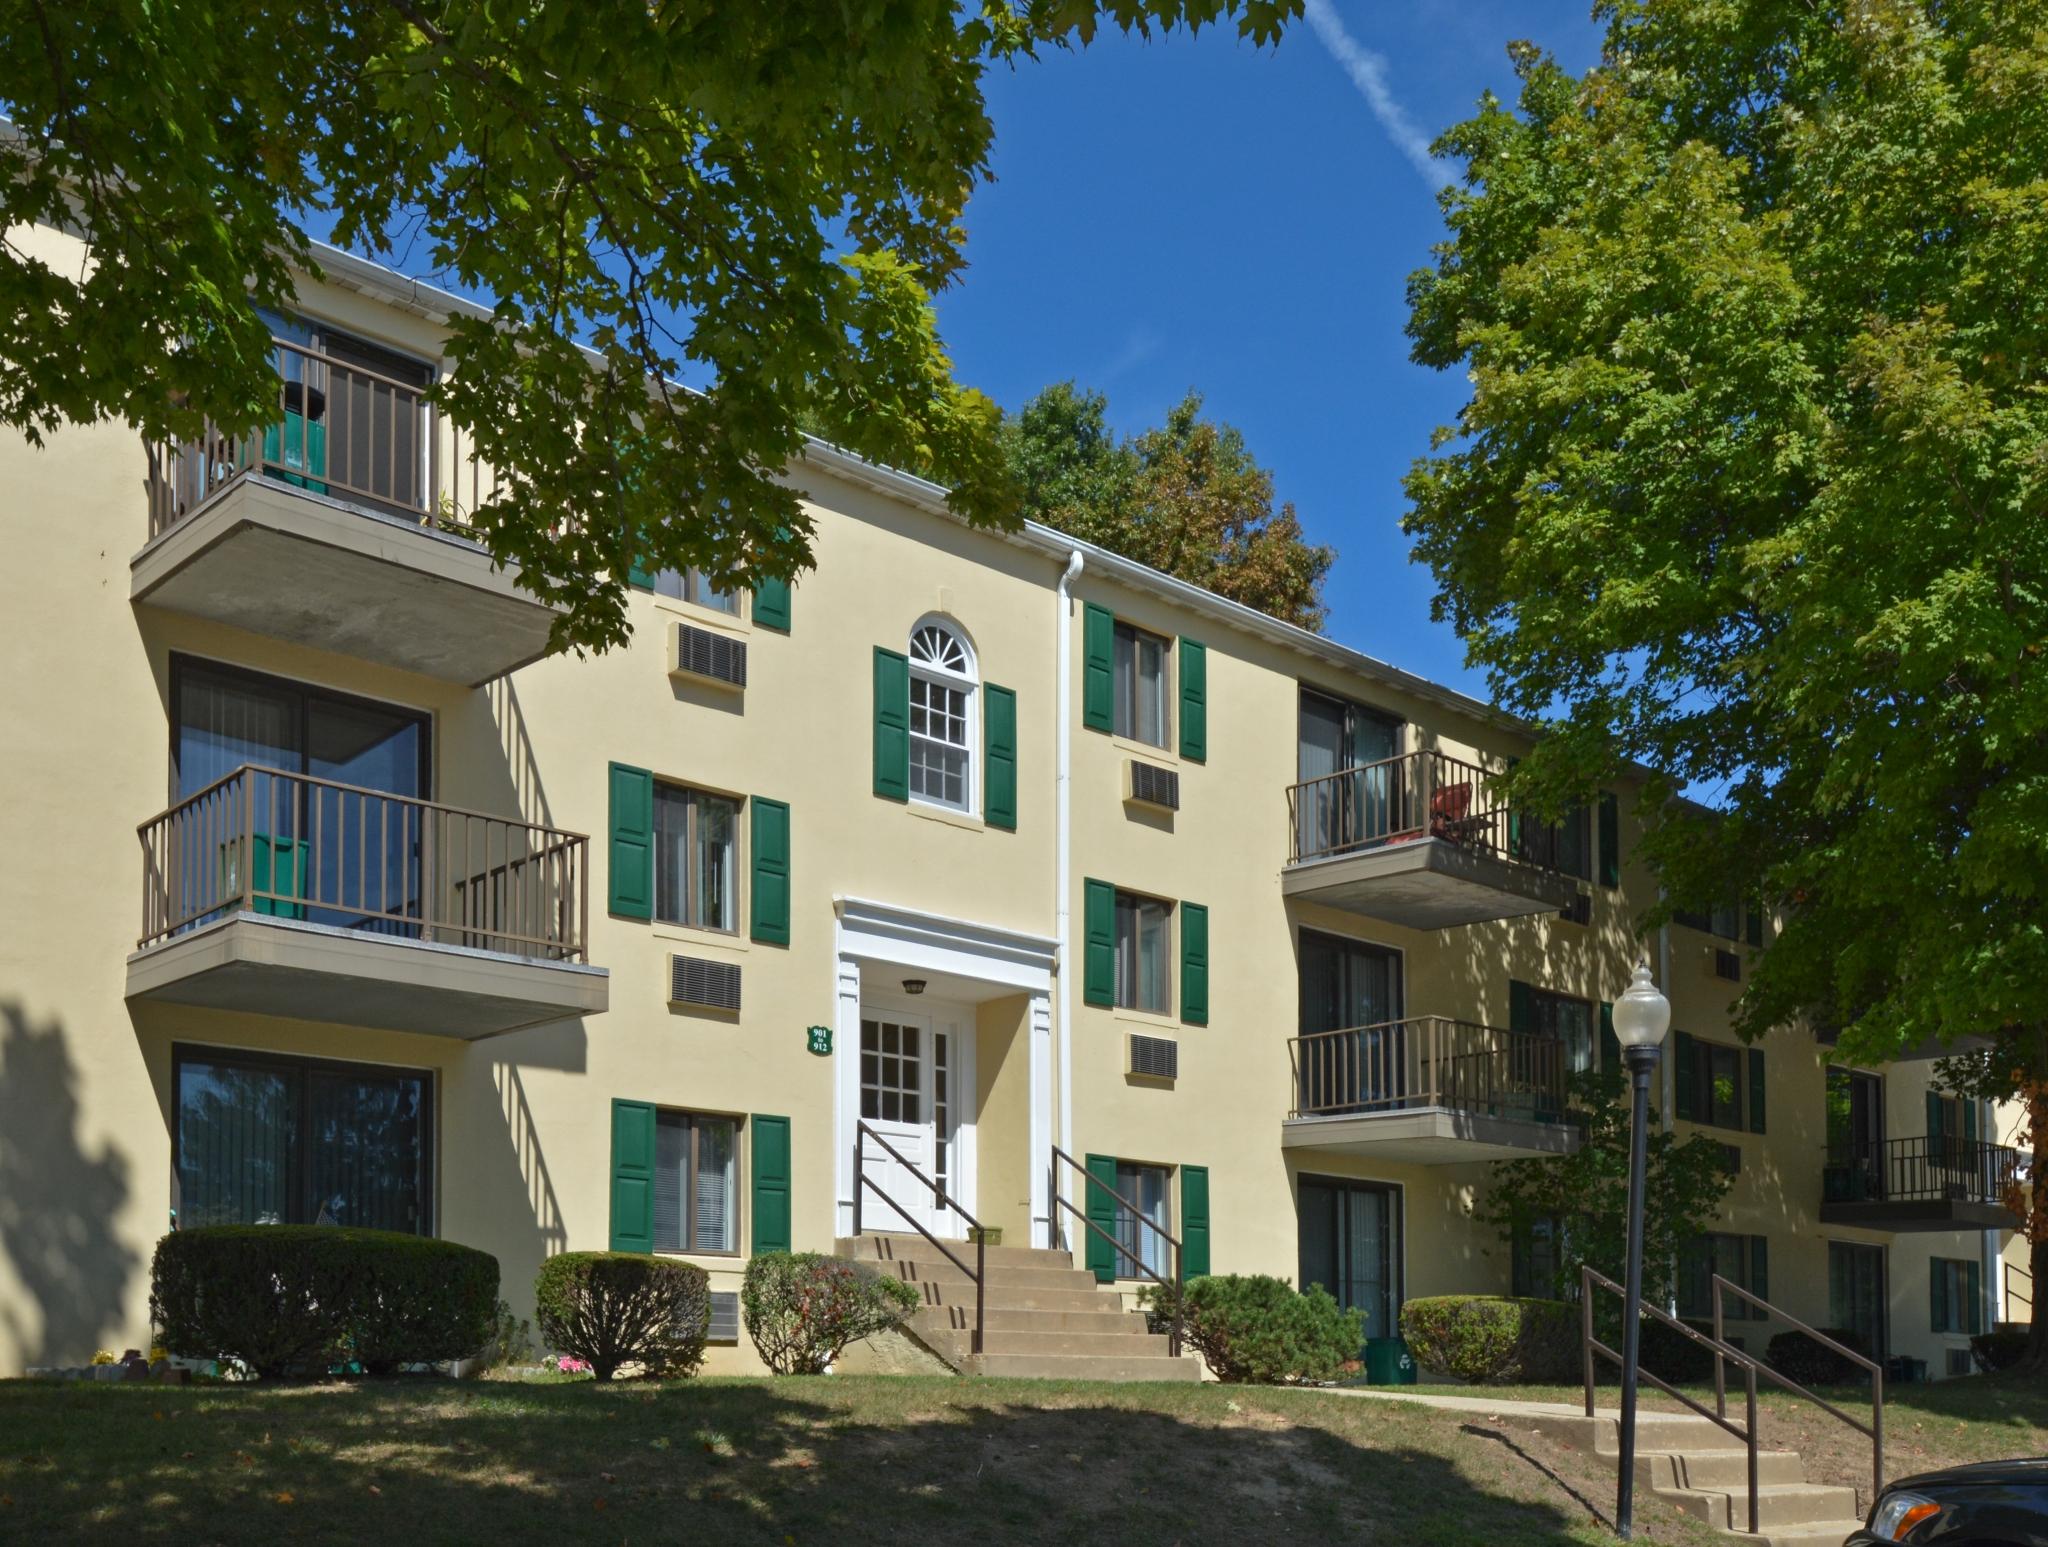 Norwood House Apartments image 5